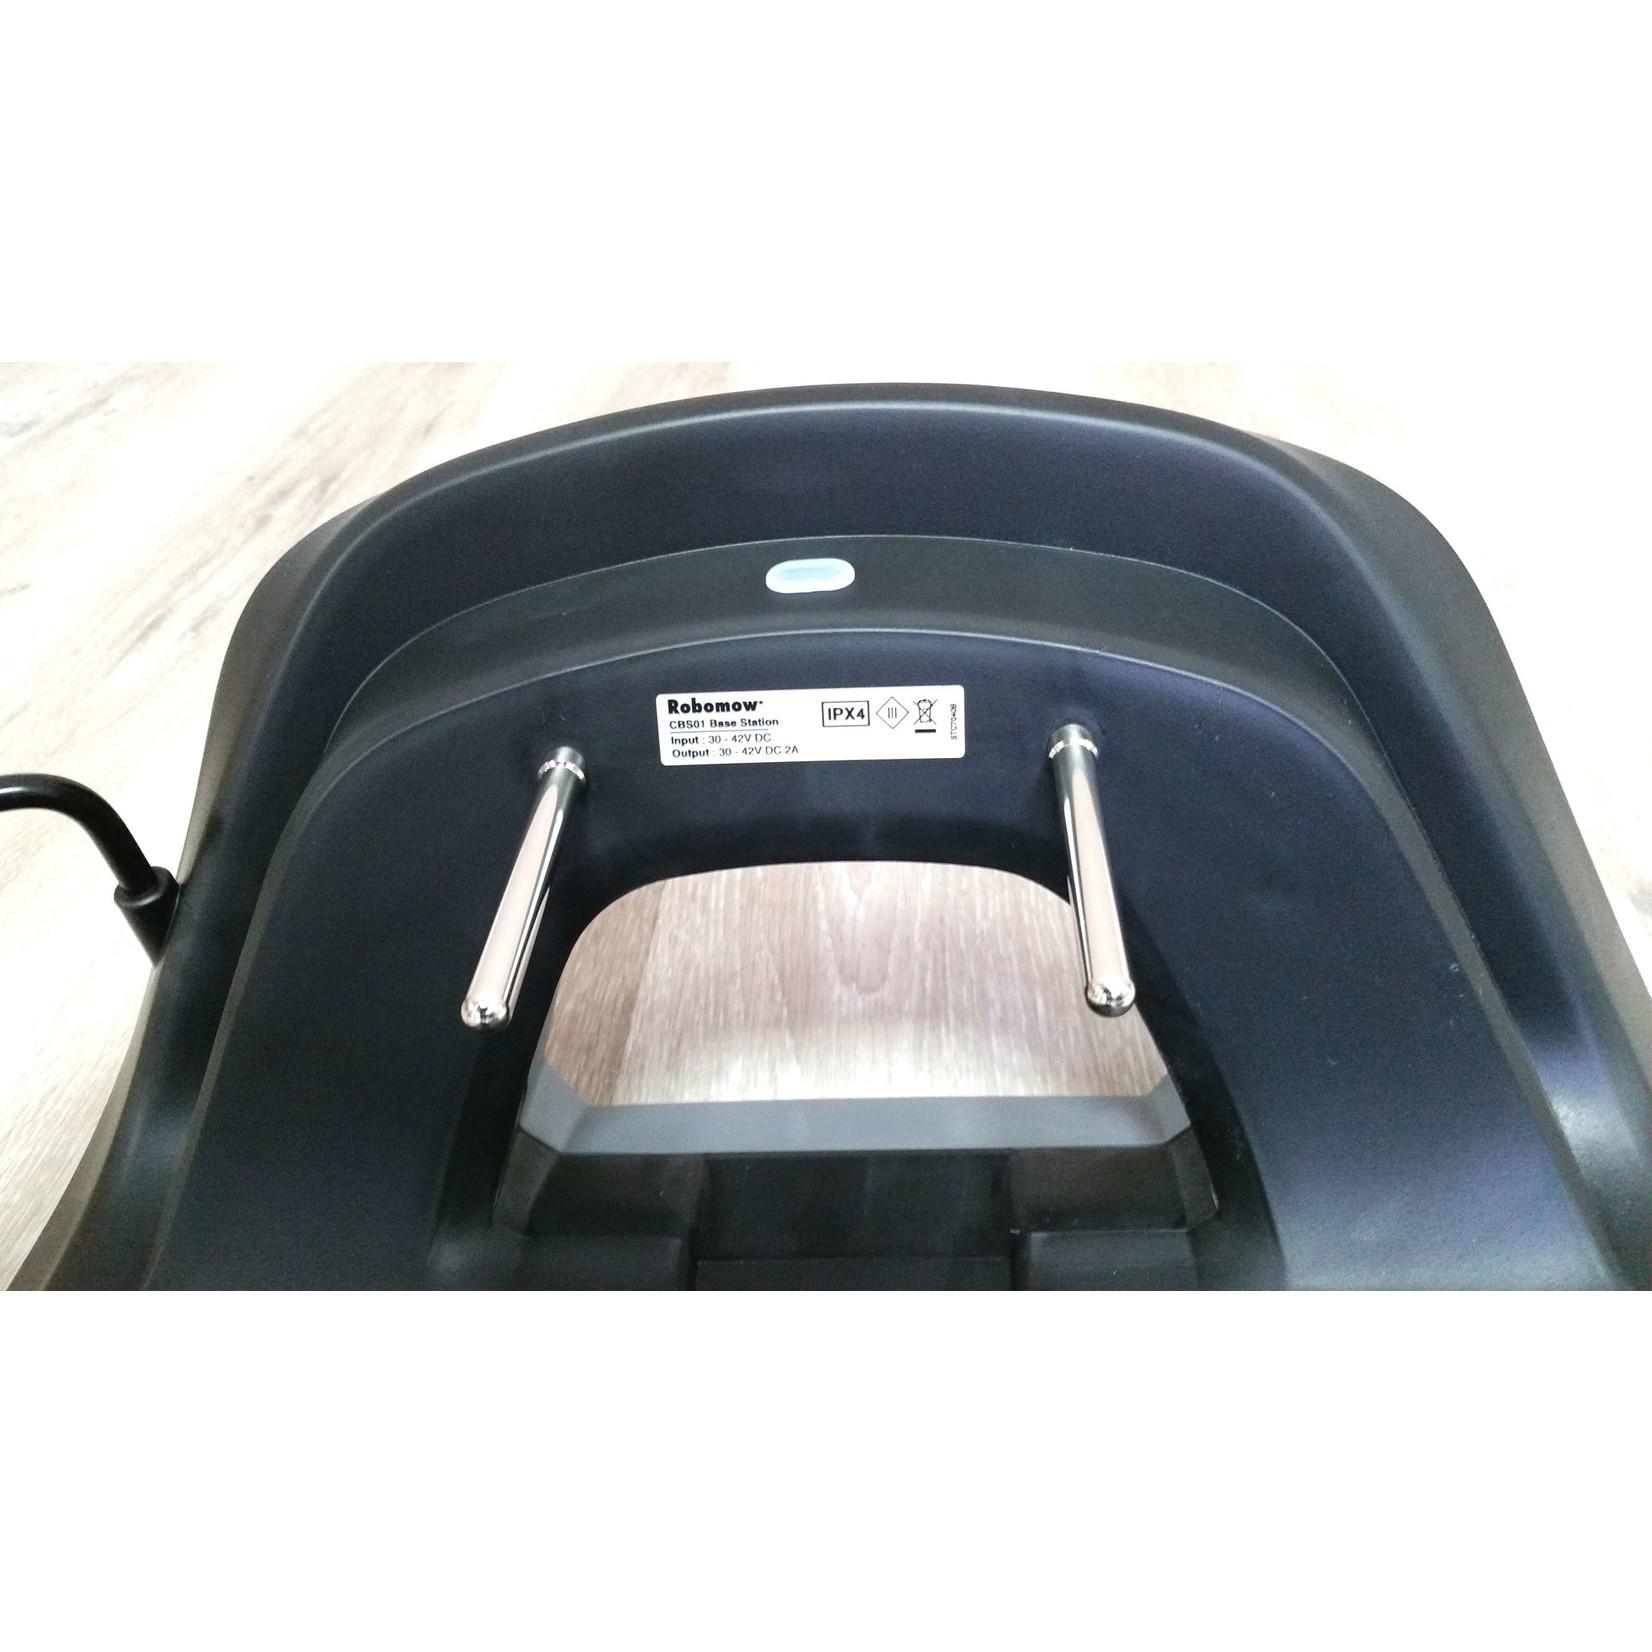 Robomow Robomow Auffahrrampe/Ladestation (für RC-Modelle) SPP7023B ohne Spannungswandler